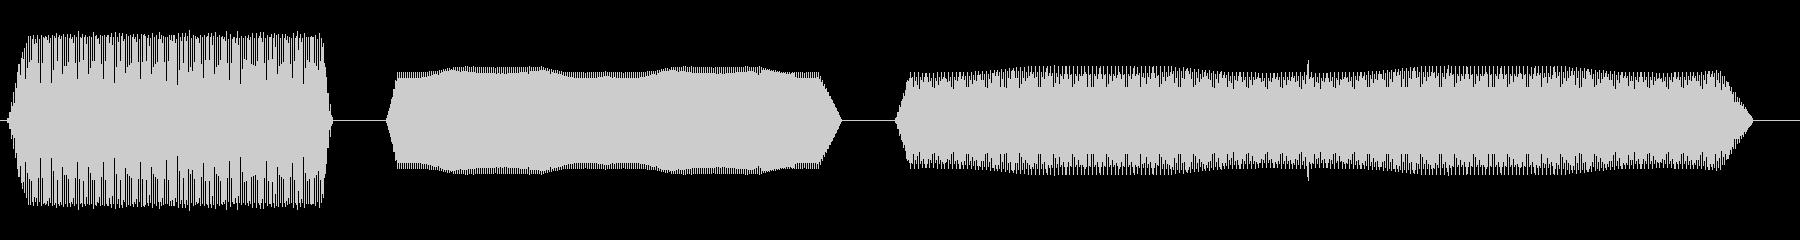 大型宇宙モーターまたはエンジン_高...の未再生の波形